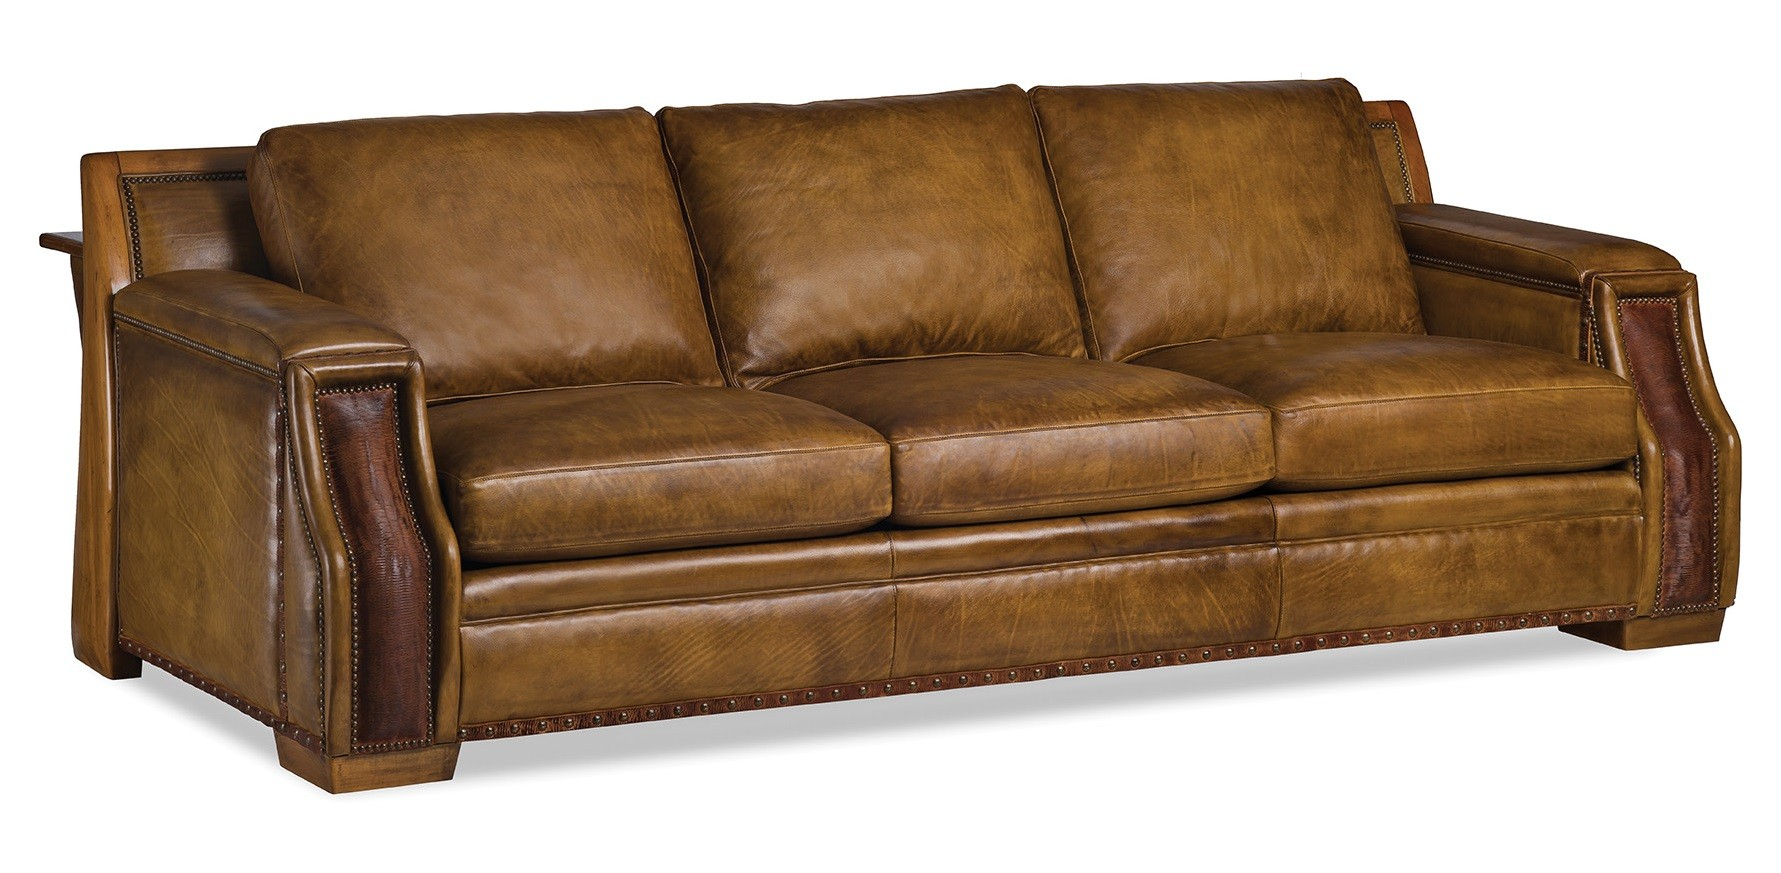 Gorgeous Weathered Caramel Sofa